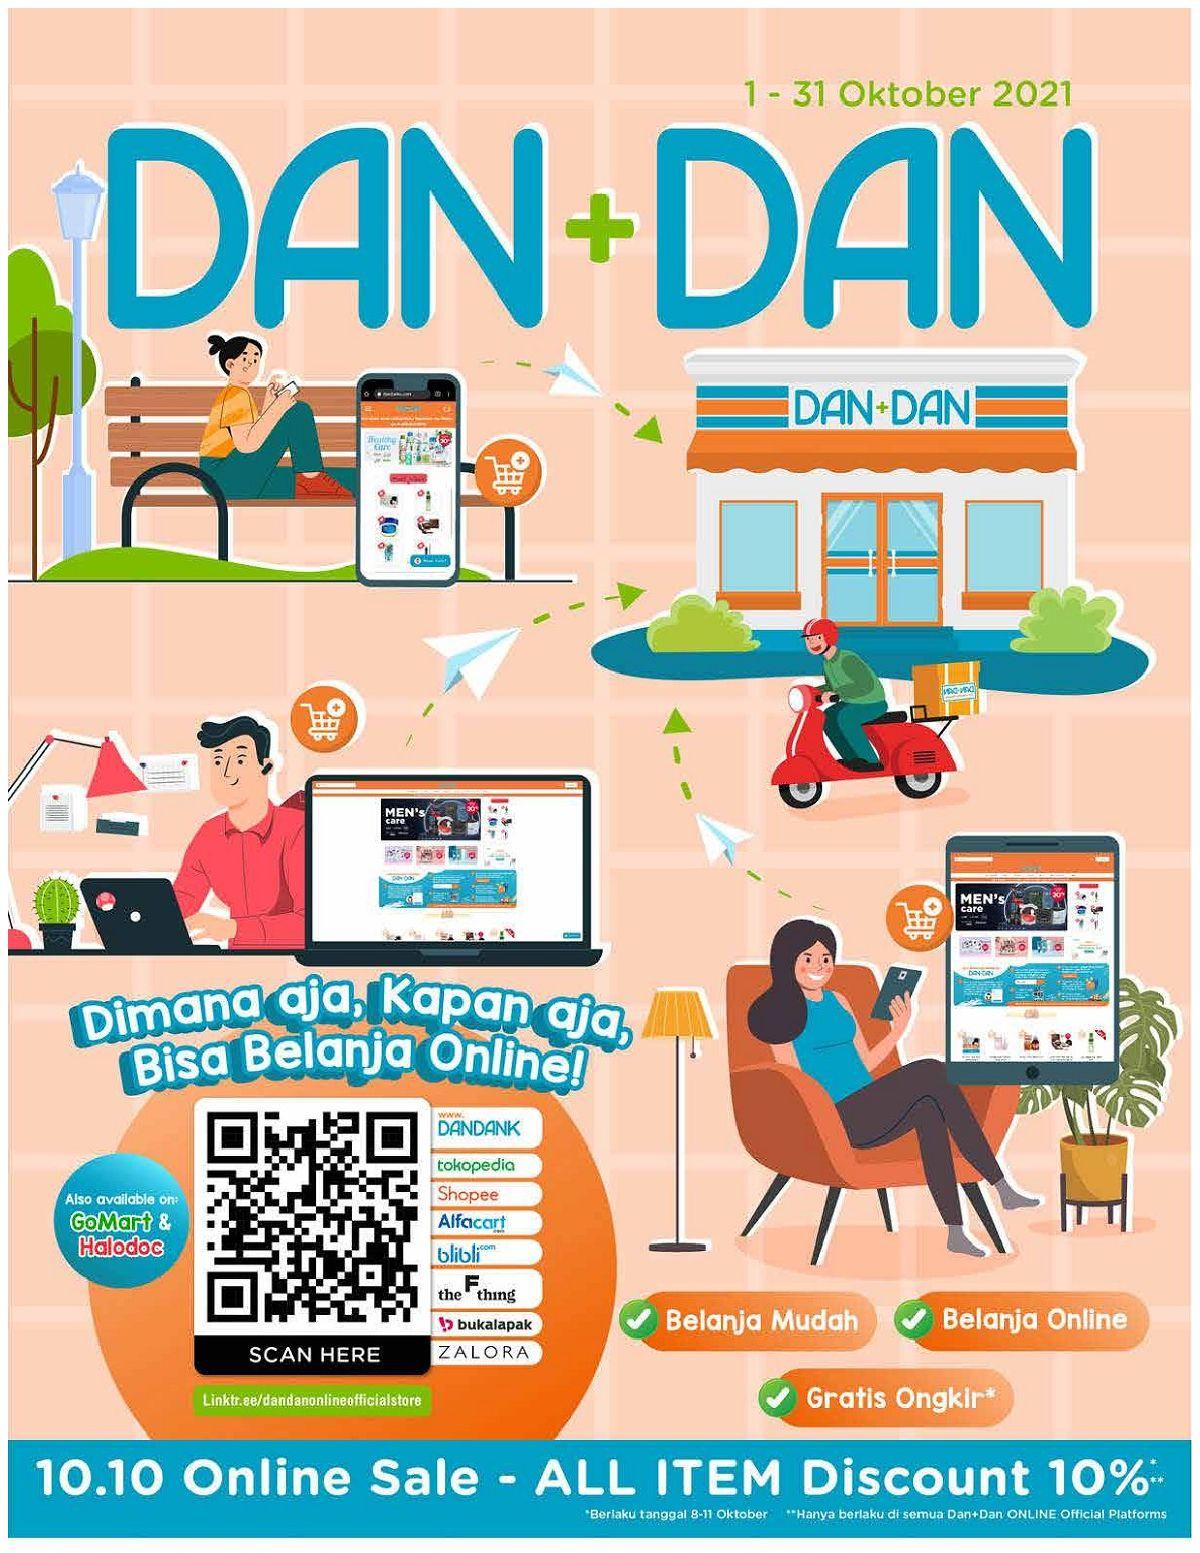 Katalog Promo DAN+DAN TERBARU periode OKTOBER 2021